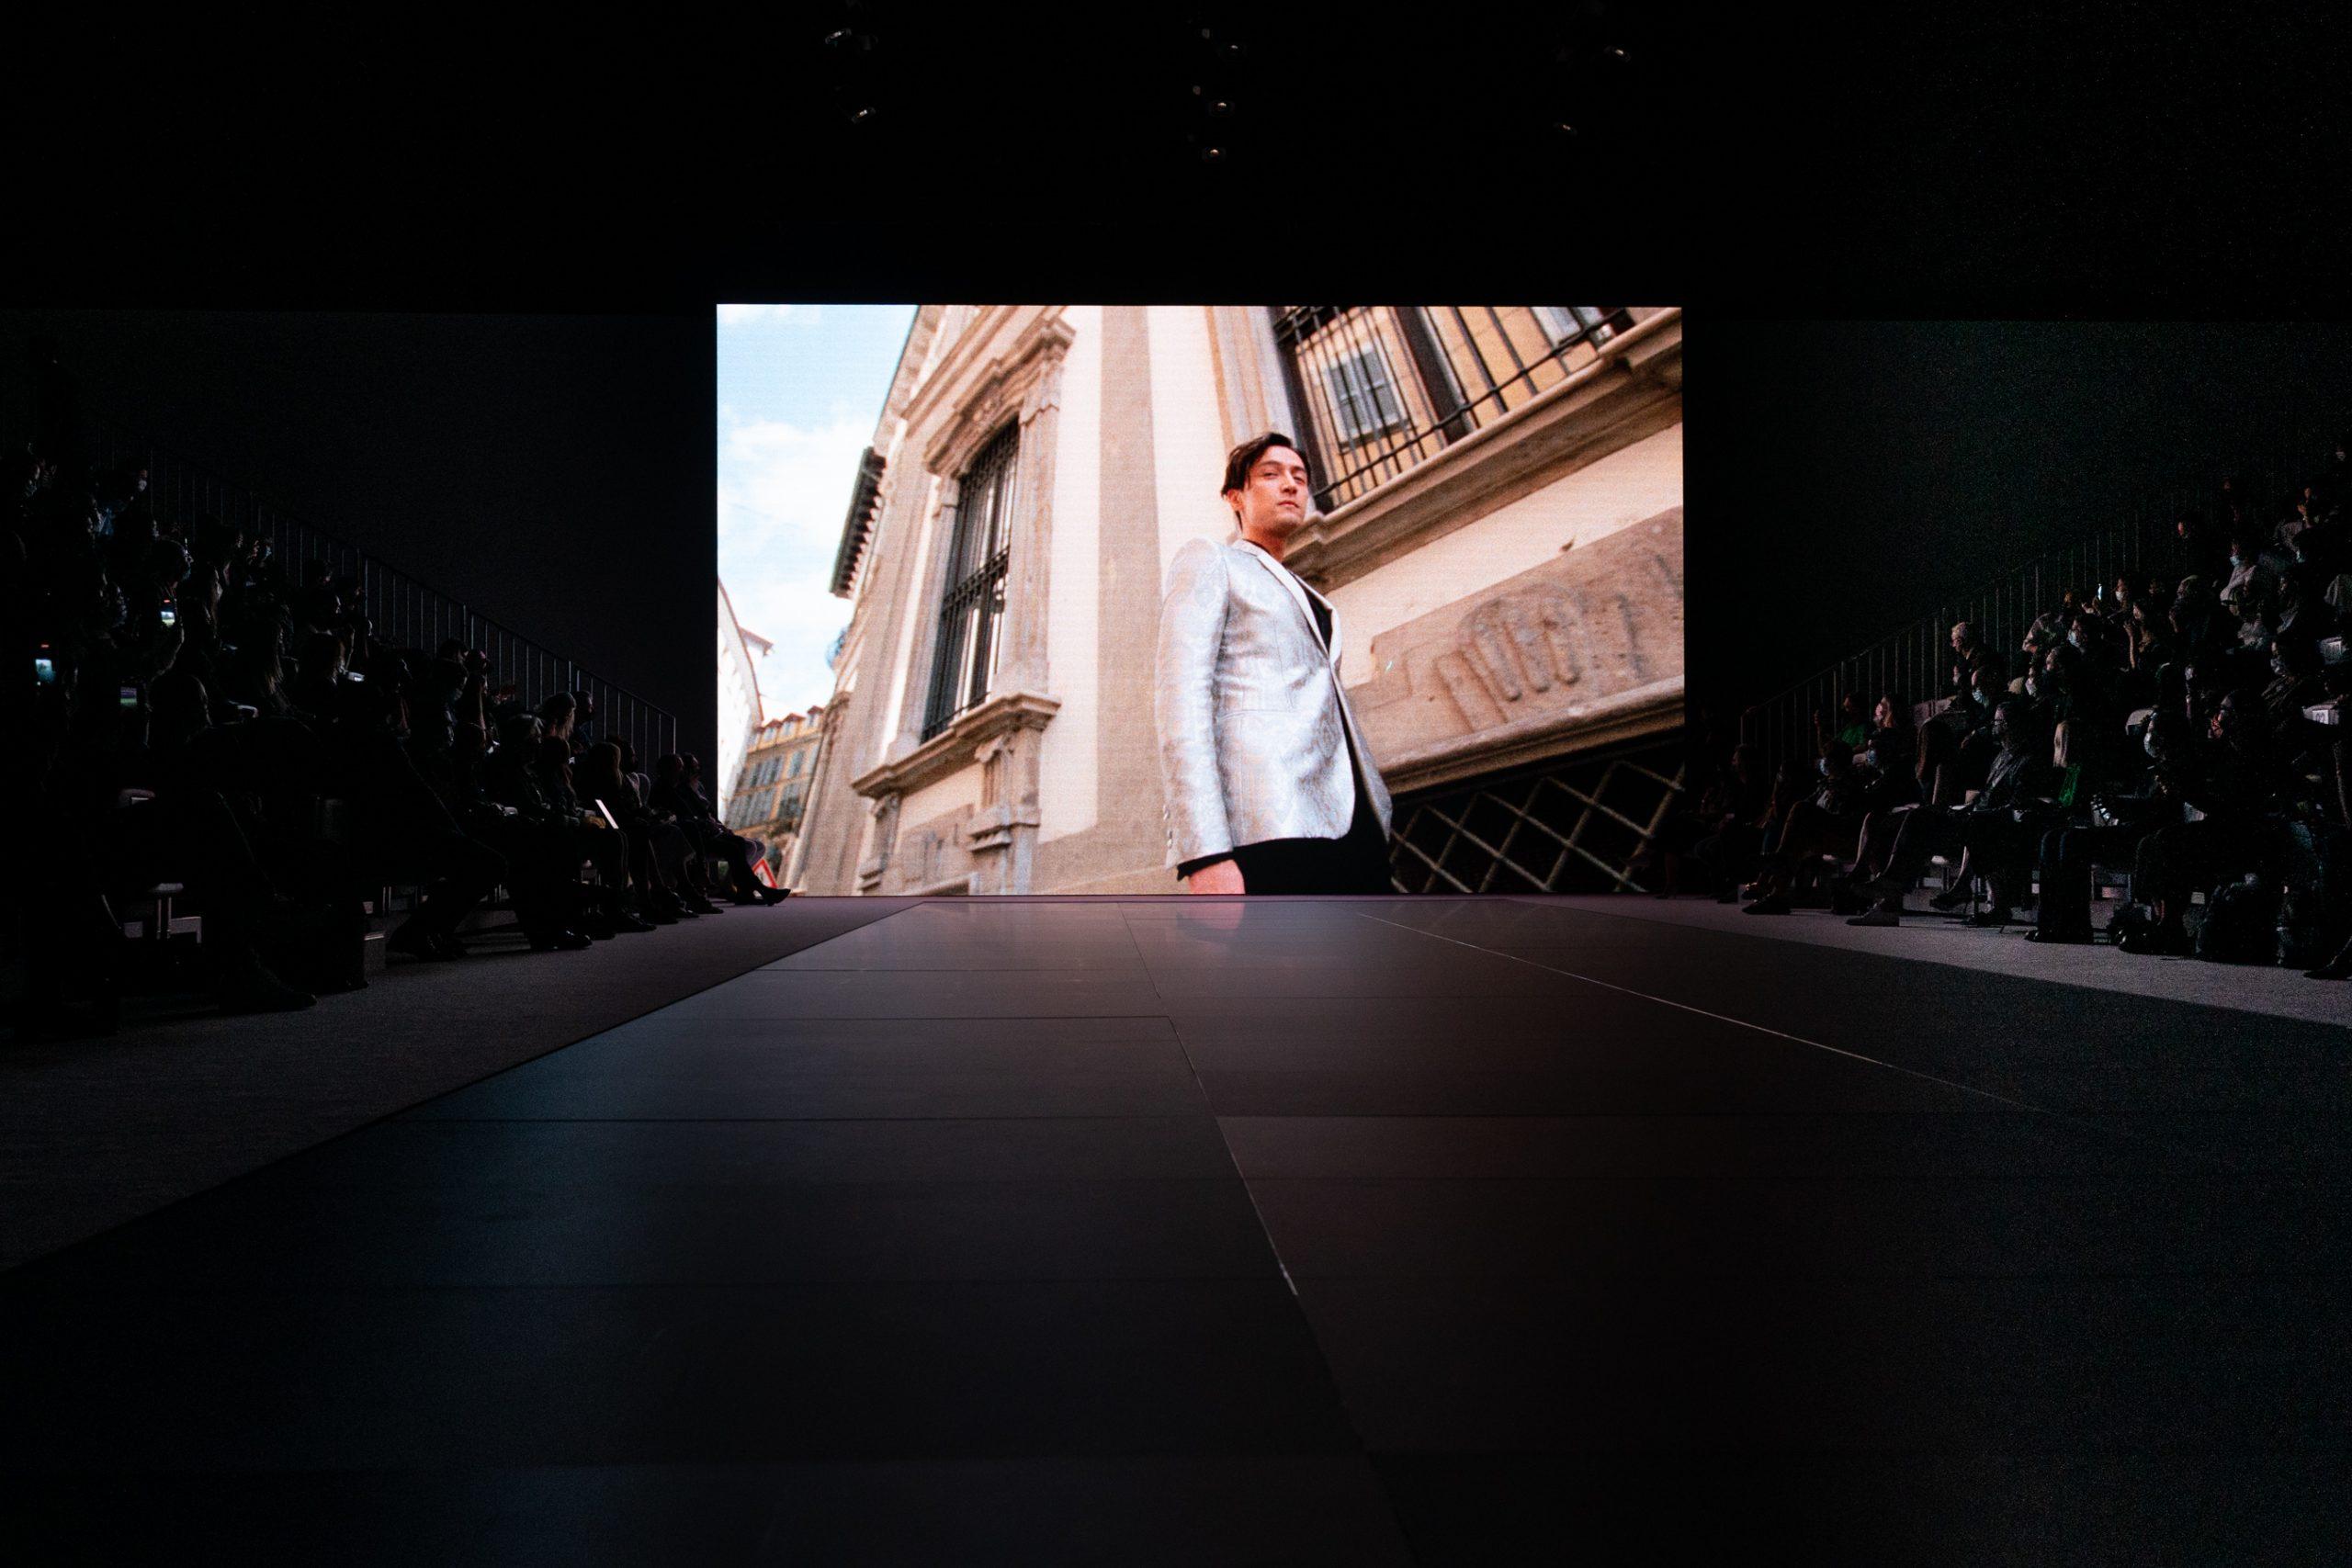 Emporio Armani Spring 2022 Atmosphere Fashion Show